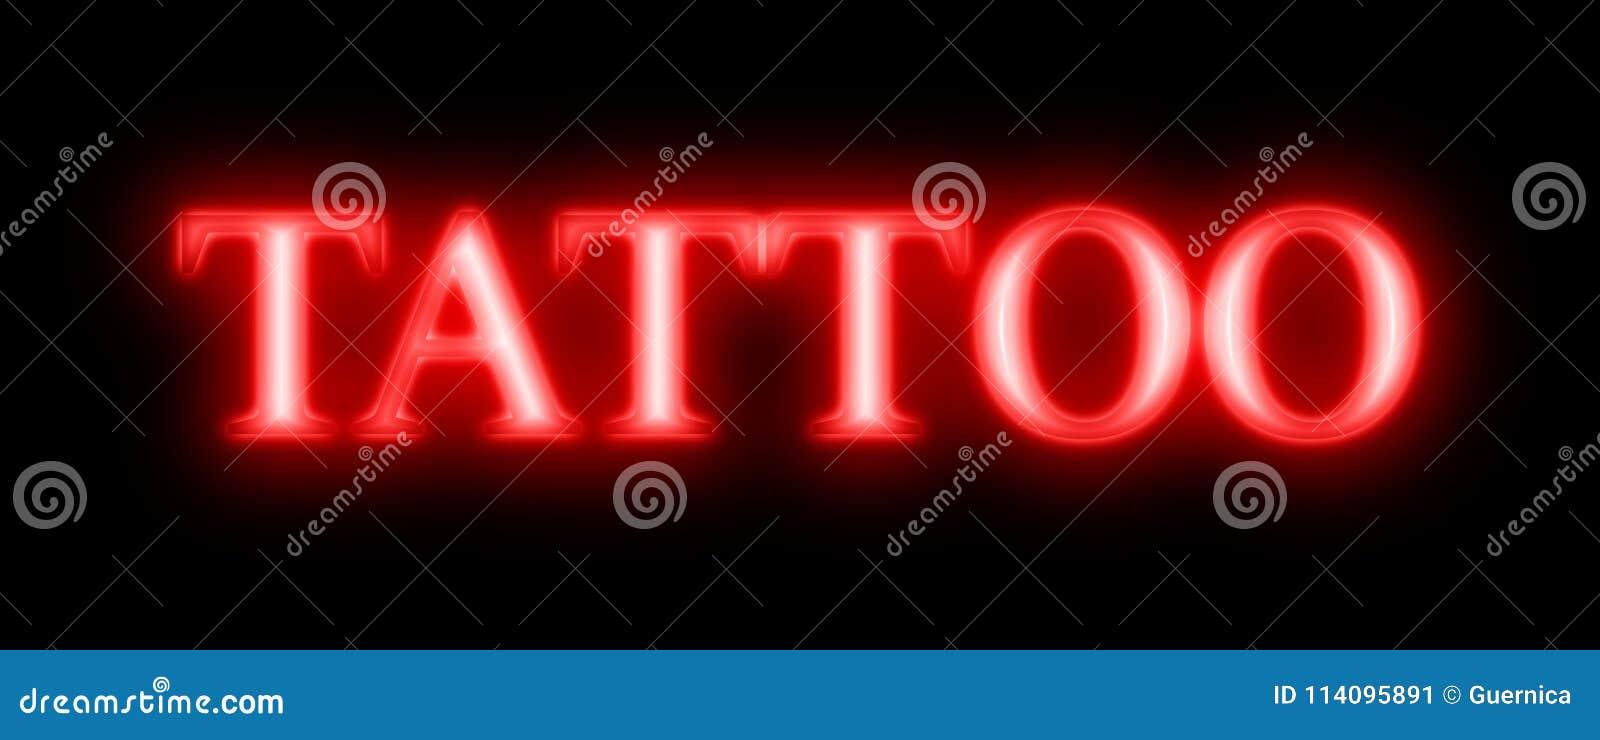 Tatuażu Czerwony Neonowy Znak Ilustracji Ilustracja